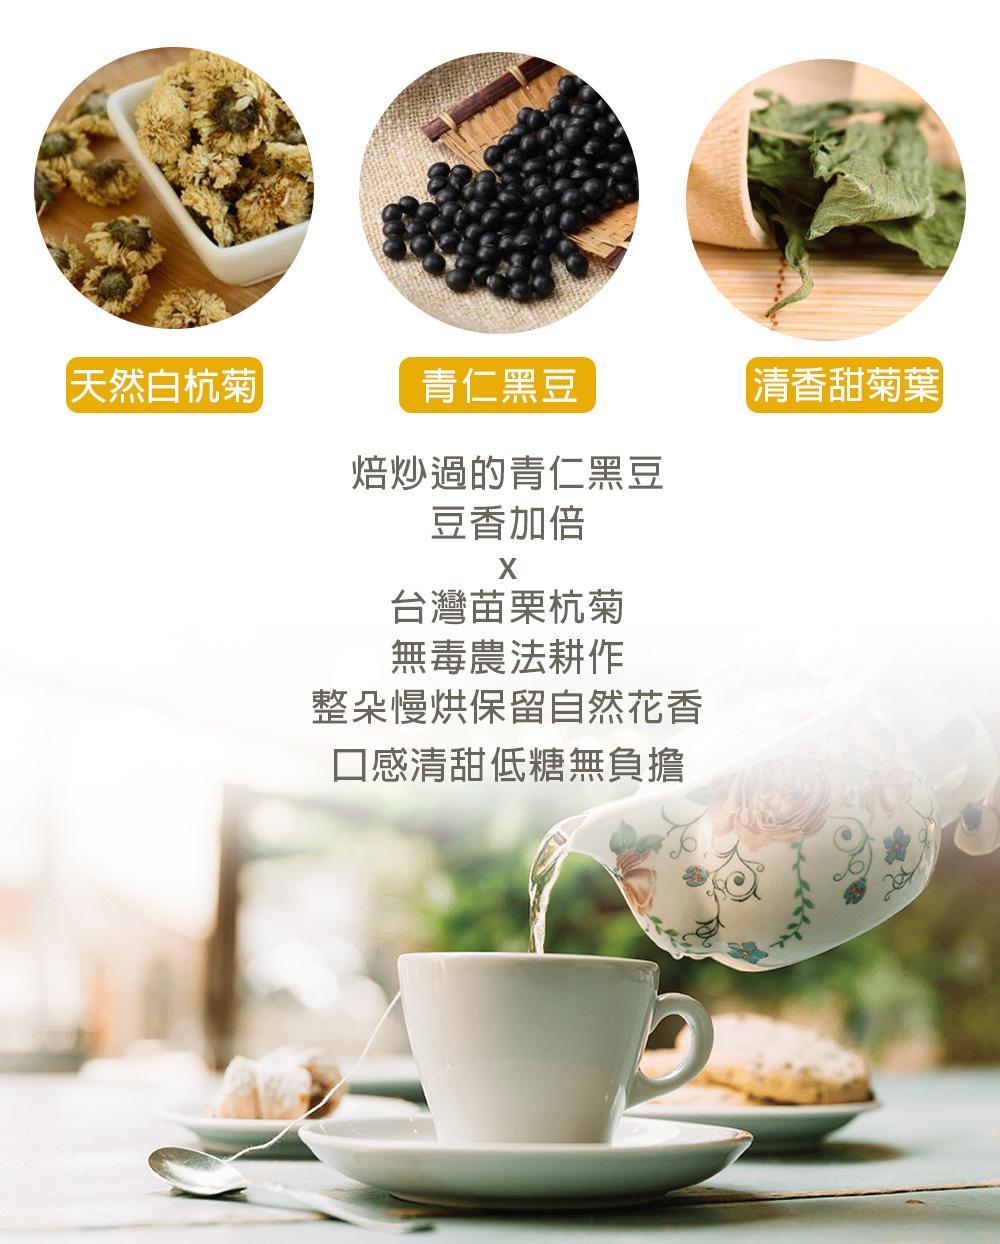 焙炒過的青仁黑豆,豆香加倍。台灣苗栗杭菊,無毒農法耕作,整朵慢烘保留自然花香 。口感清甜、低糖無負擔。